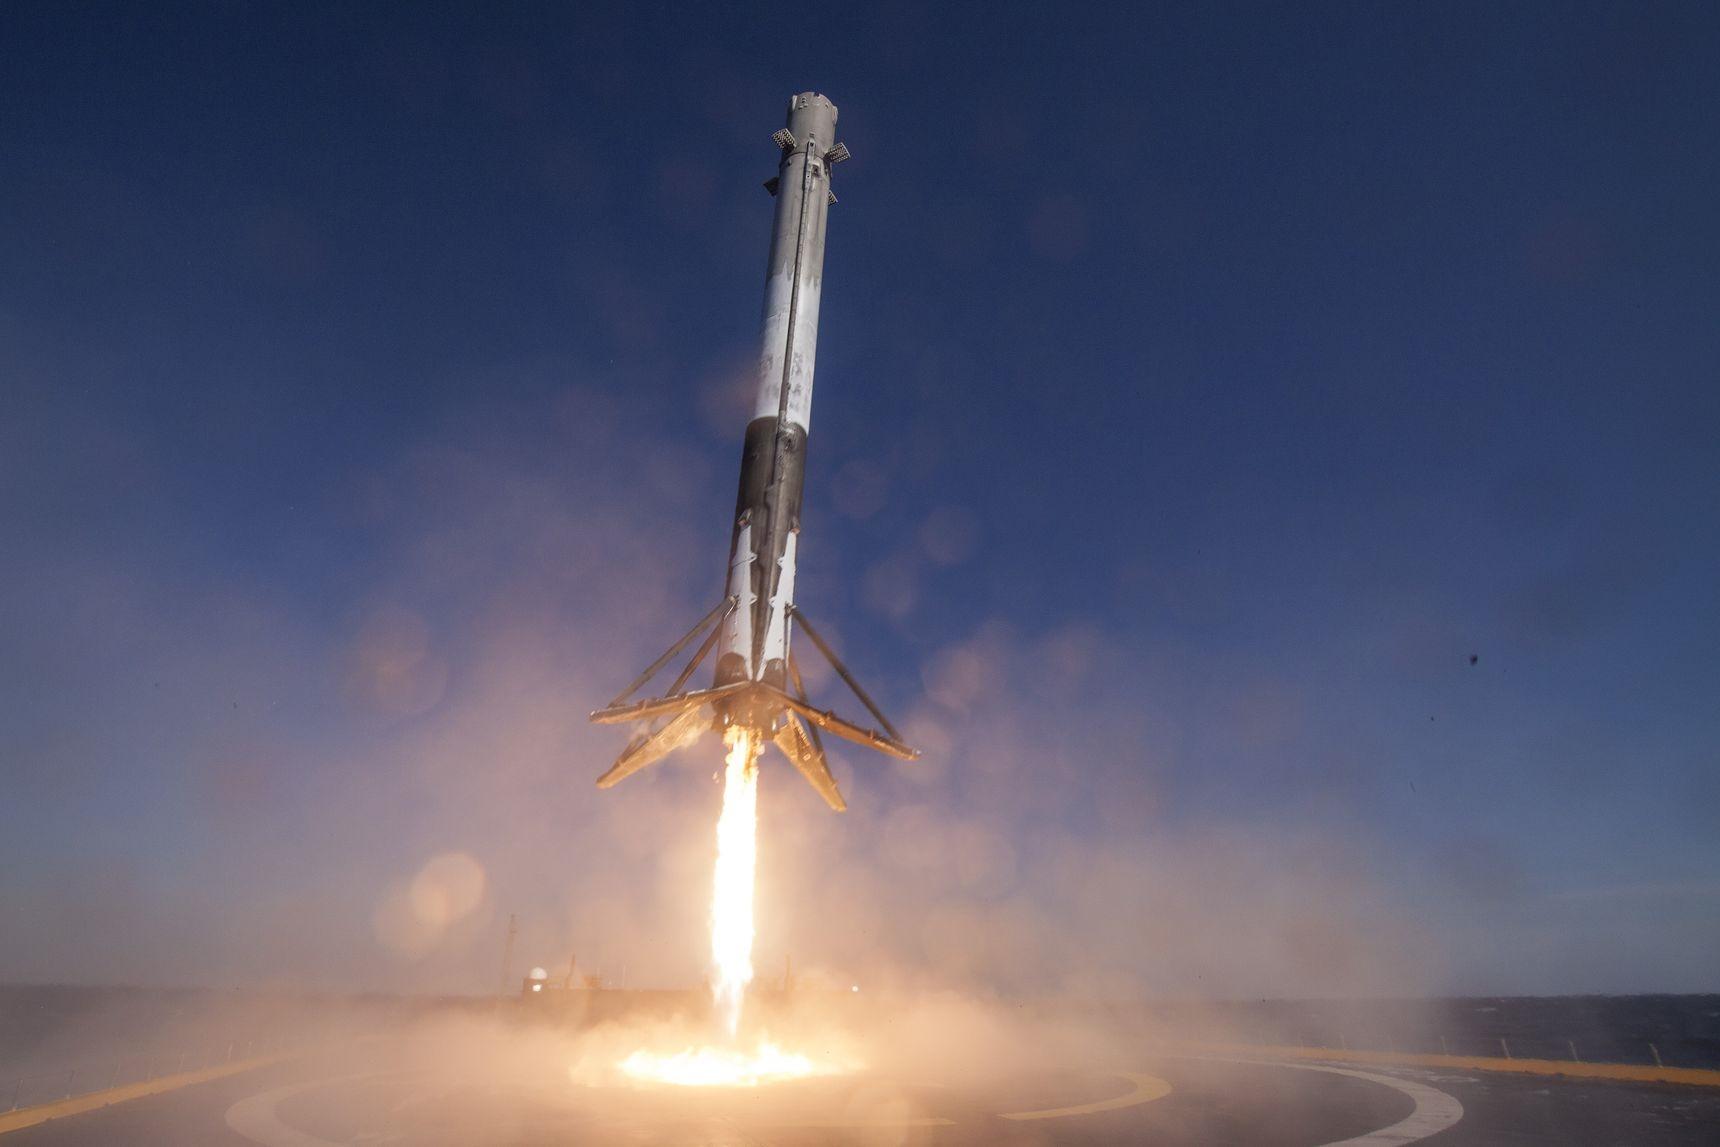 پرتاب بیسابقه اسپیس ایکس در تاریخ فضا/استفاده مجدد از موشک پرتاب شده